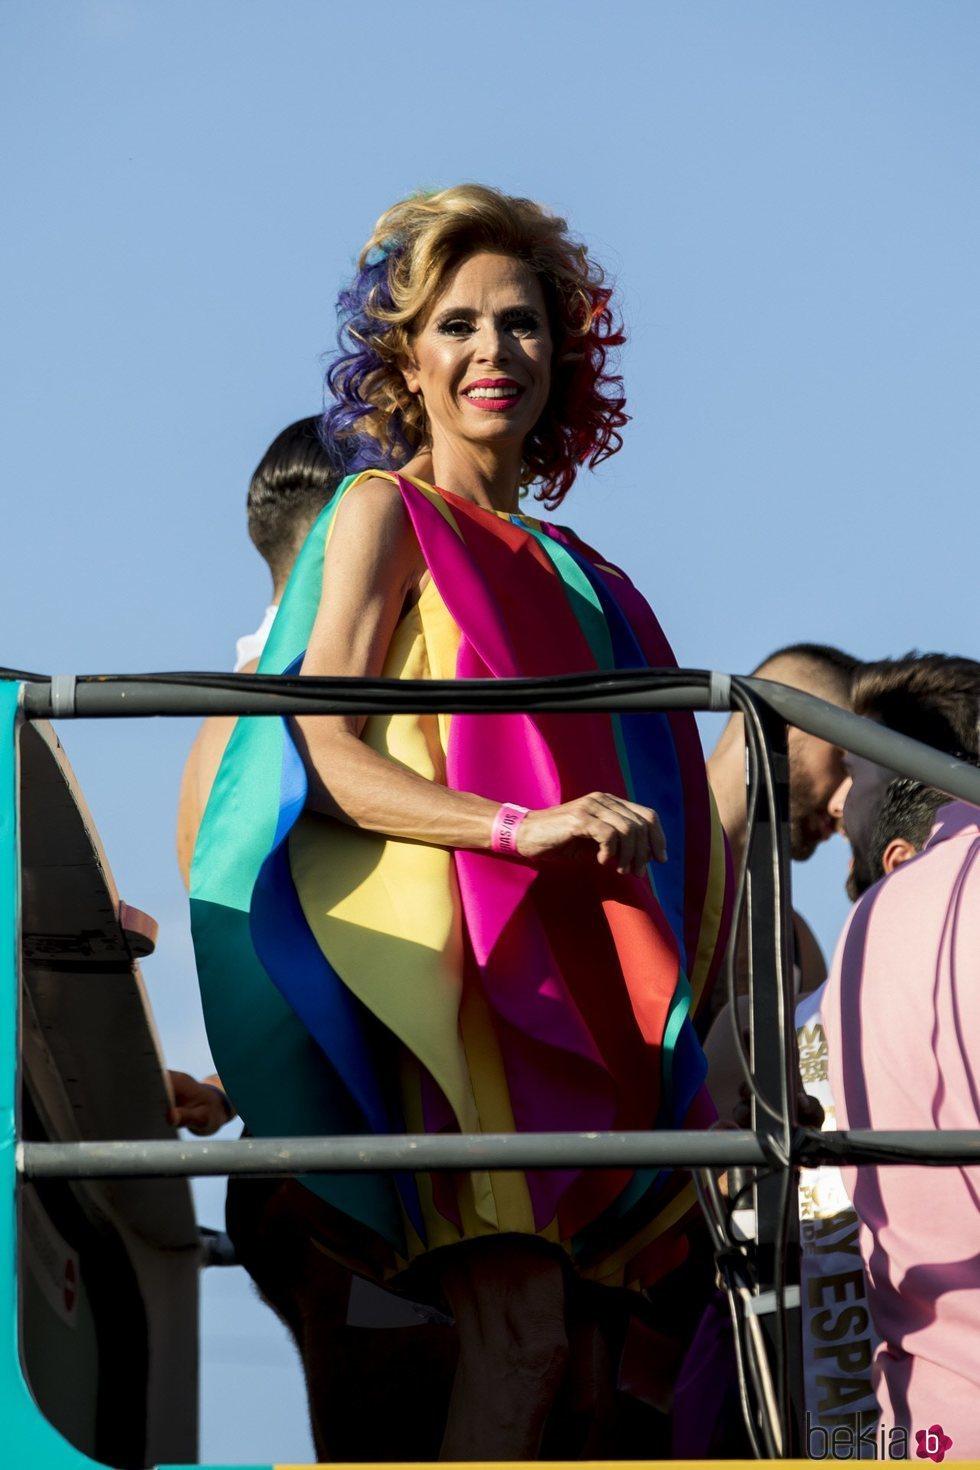 Ágatha Ruiz de la Prada muy sonriente durante el desfile del Orgullo 2018